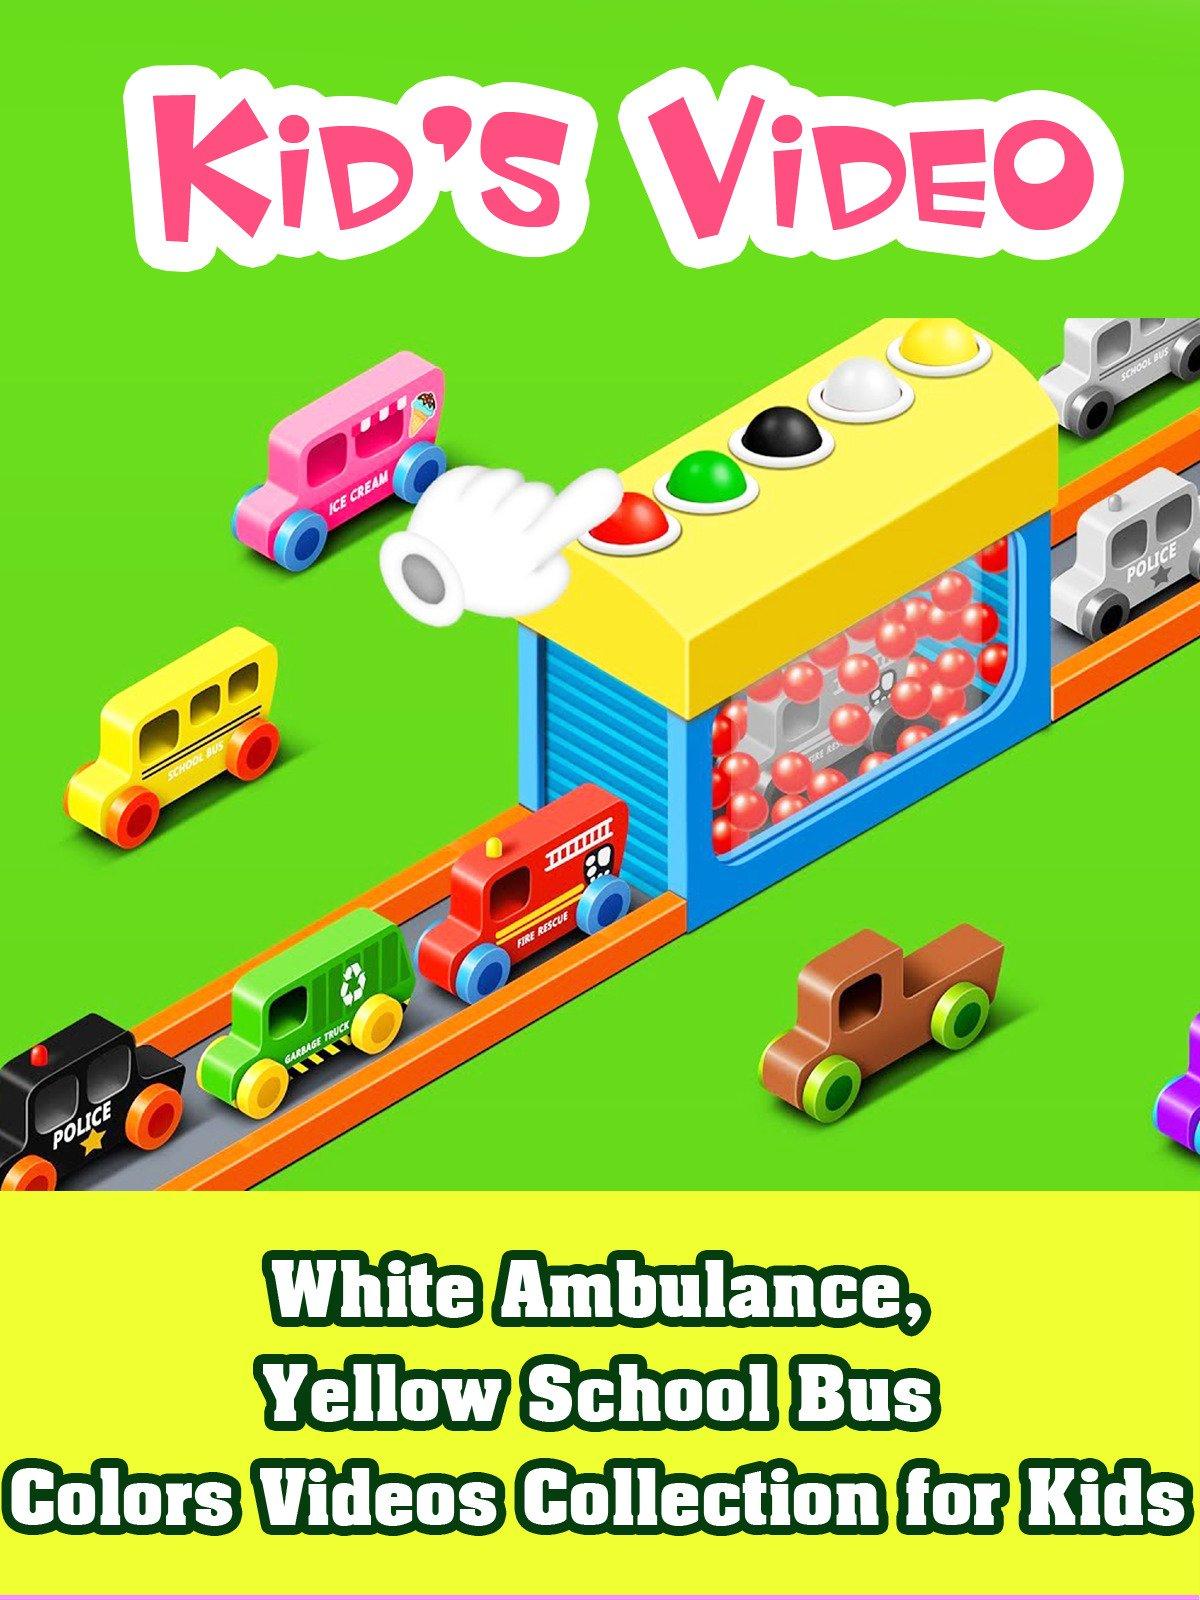 White Ambulance, Yellow School Bus